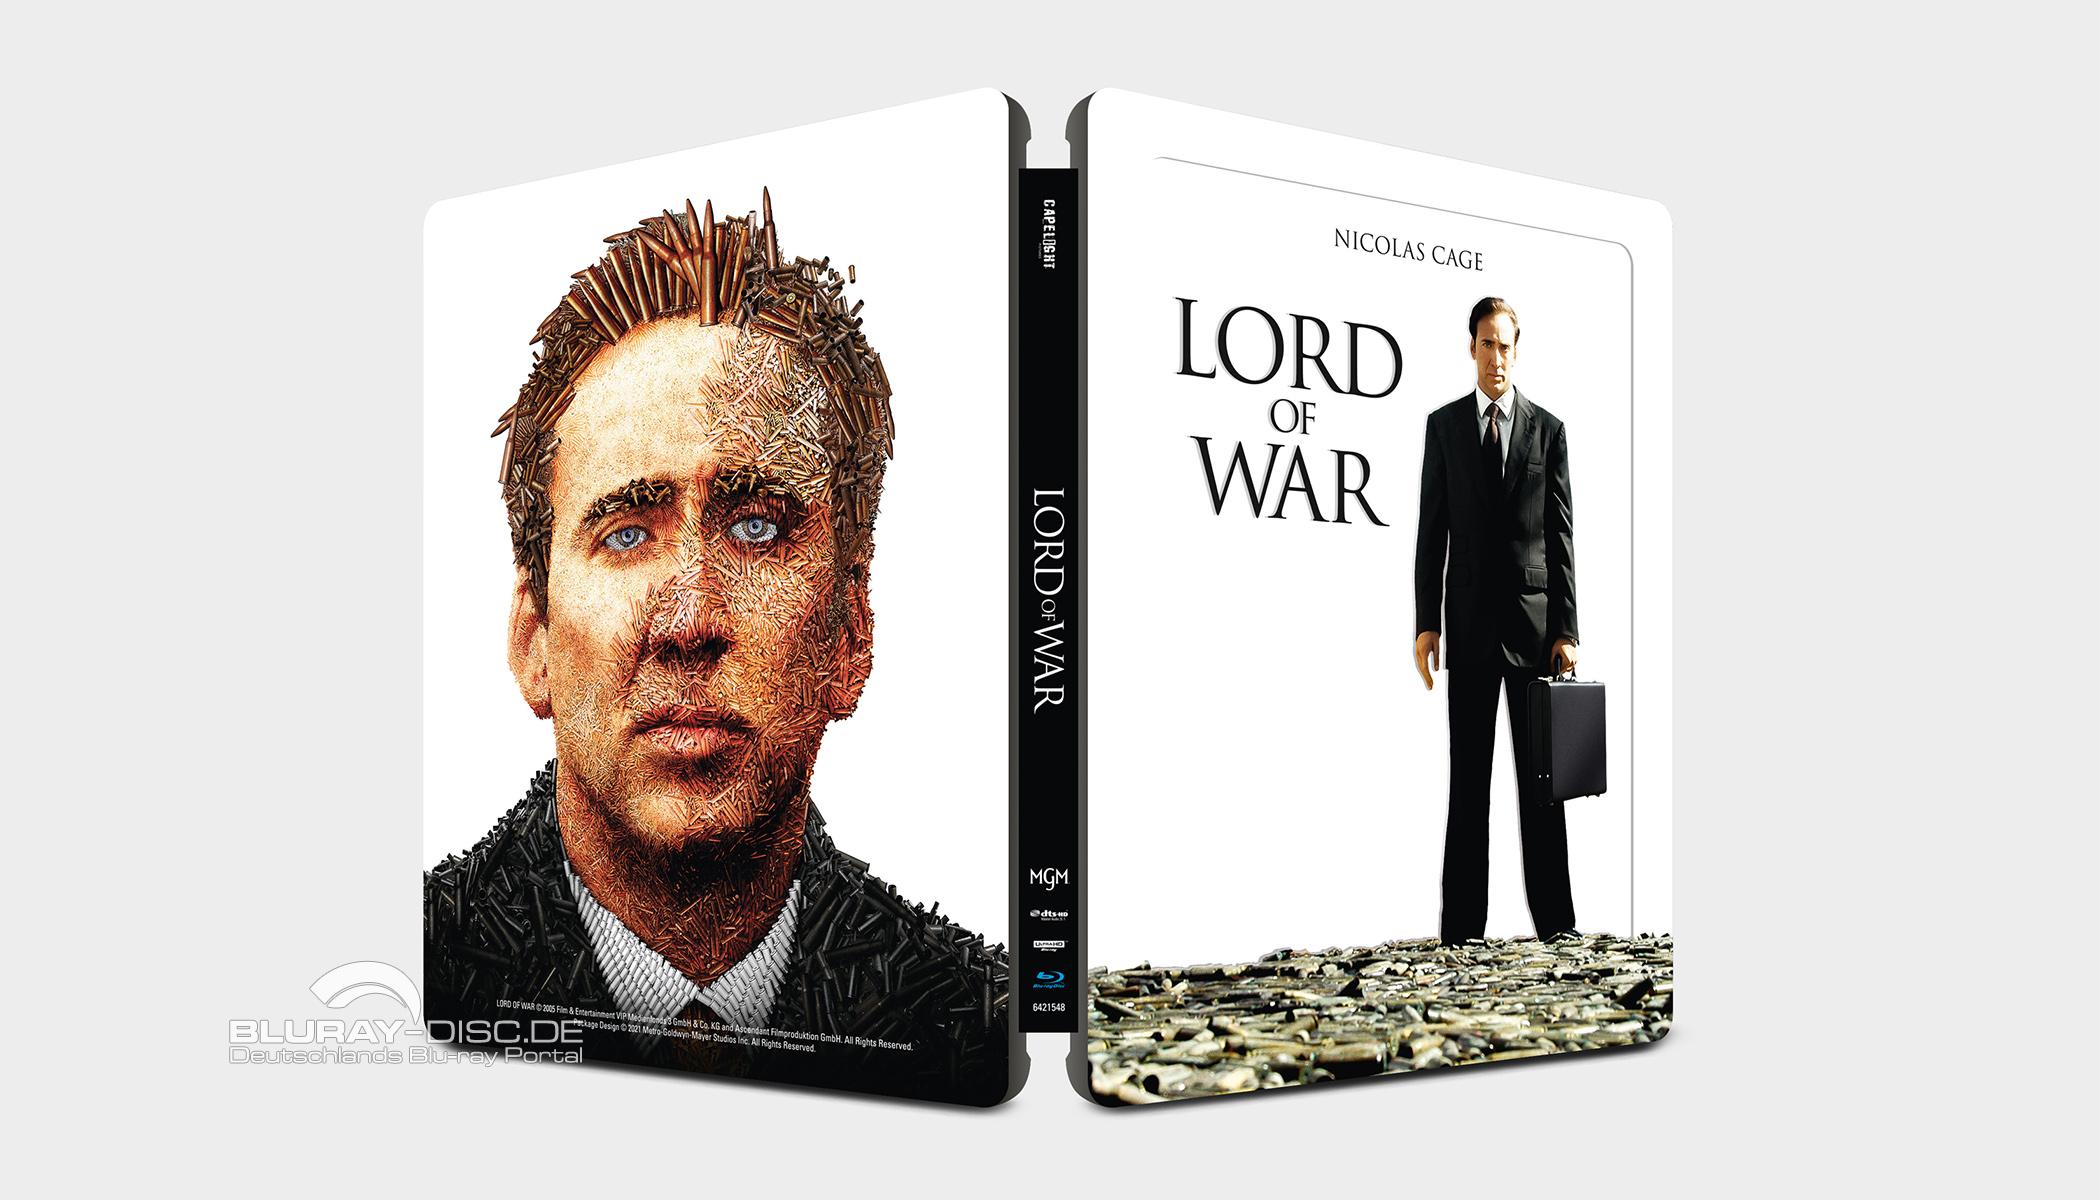 Lord_of_War_Galerie_4K_Steelbook_03.jpg